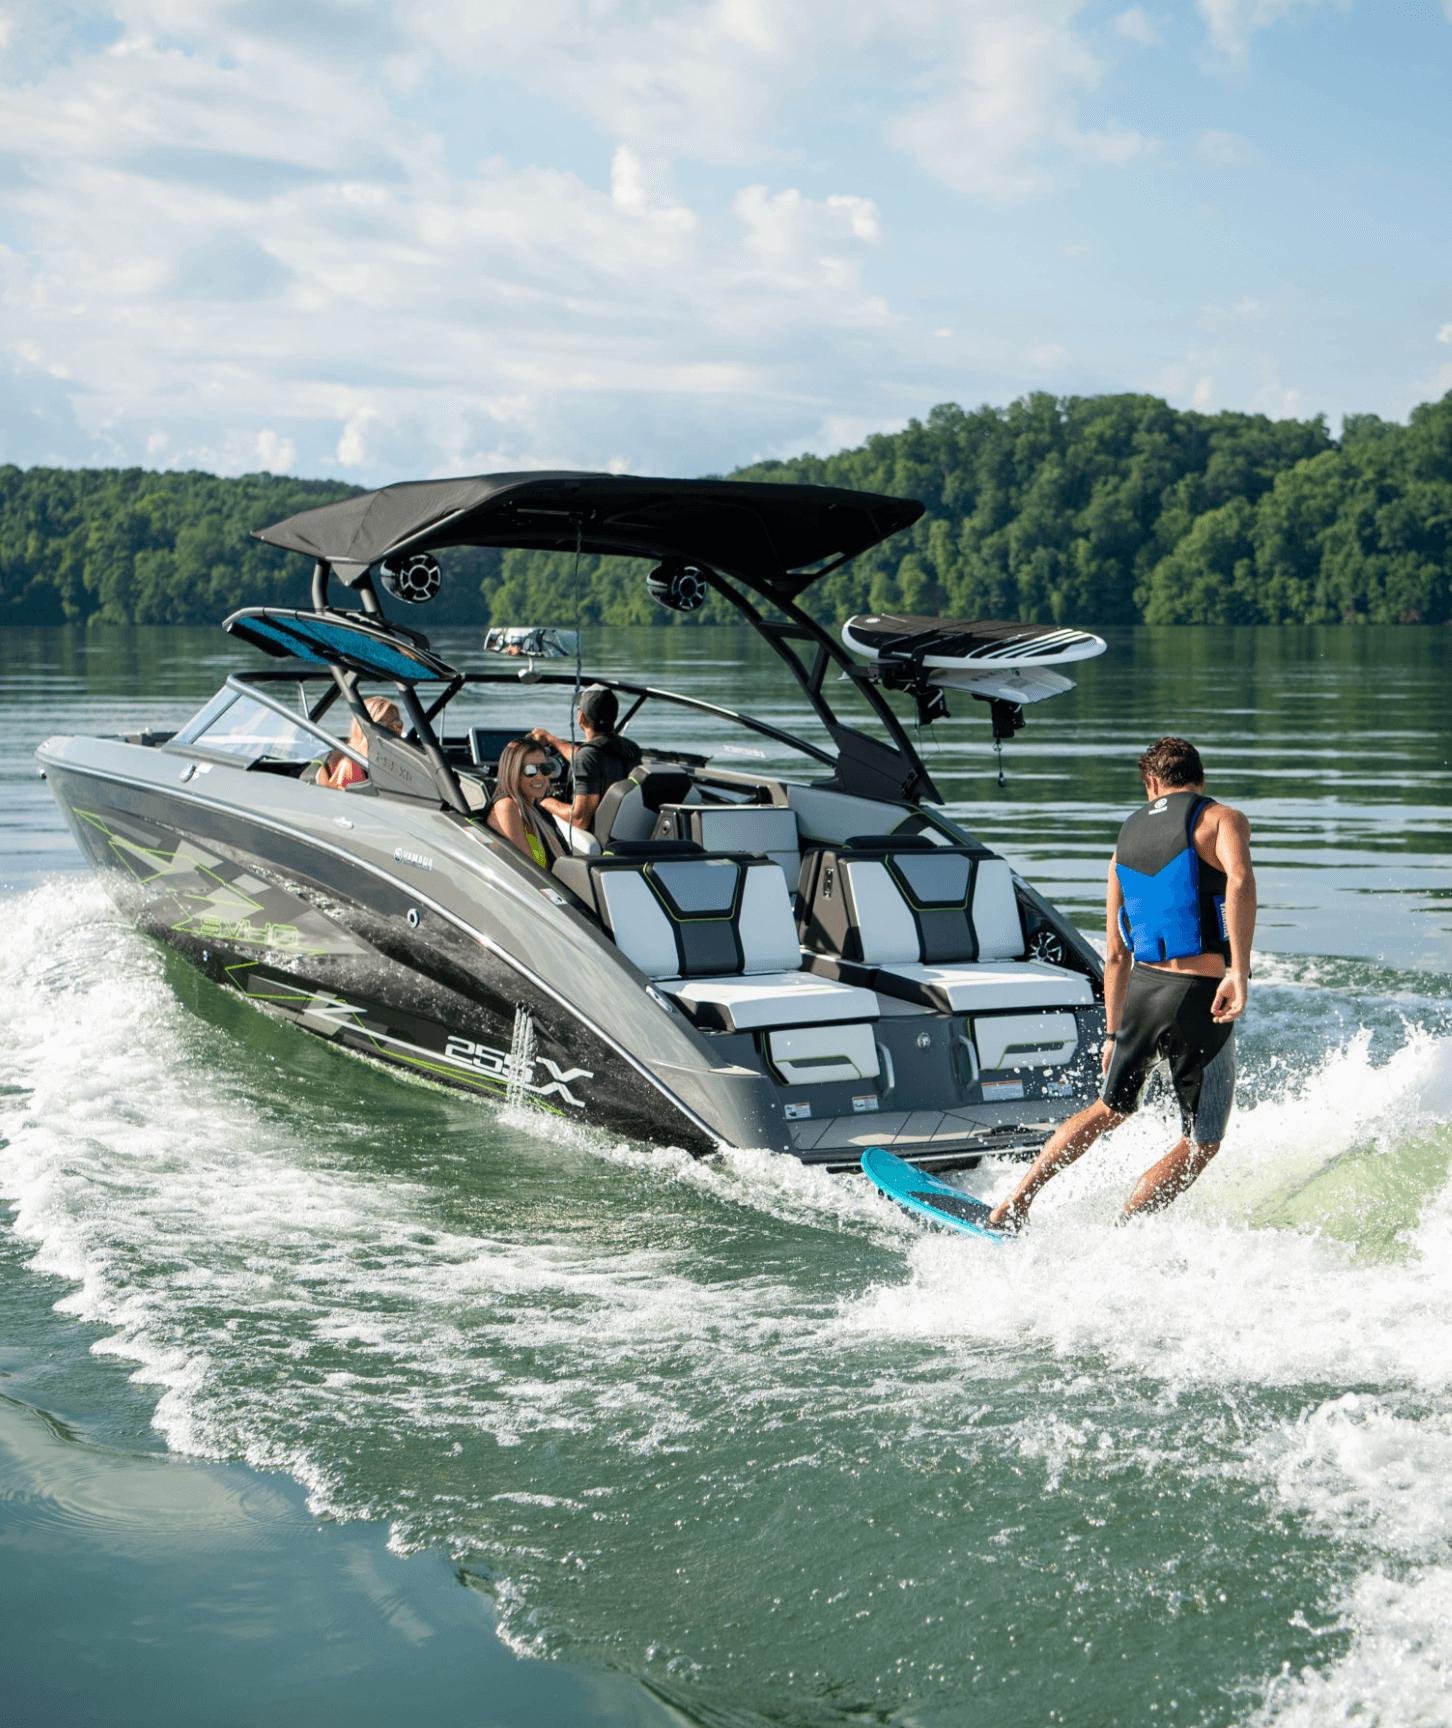 Yamaha Boats The Worldwide Leader In Jet Boats Yamaha Boats